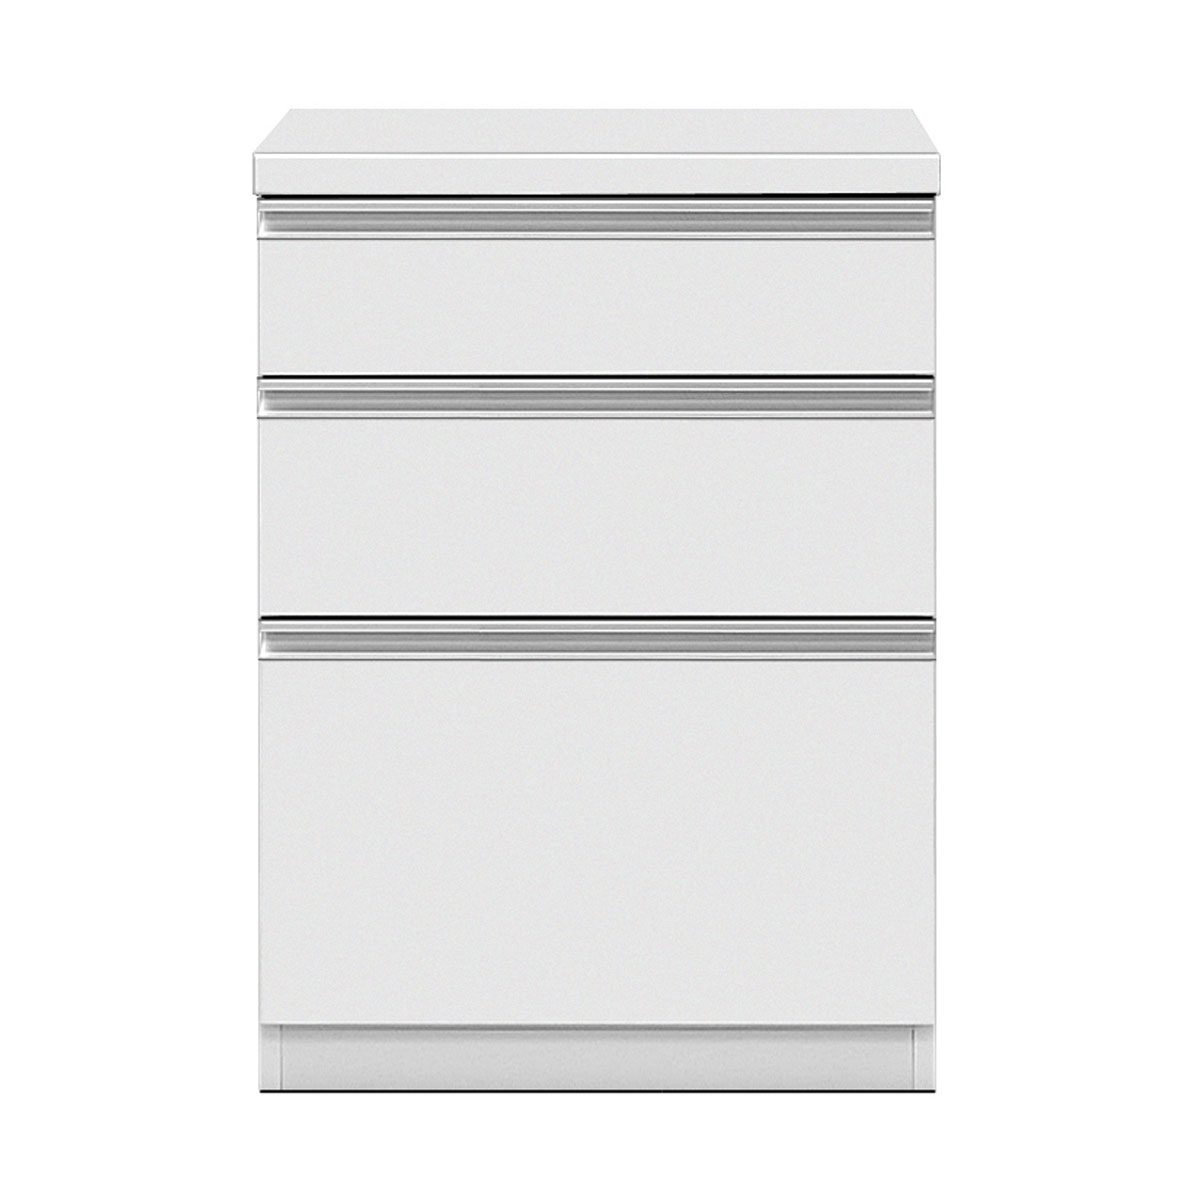 共和産業 グラッセ キッチンカウンター 下台L 60L ホワイト【幅60×高さ83cm】 日本製 国産